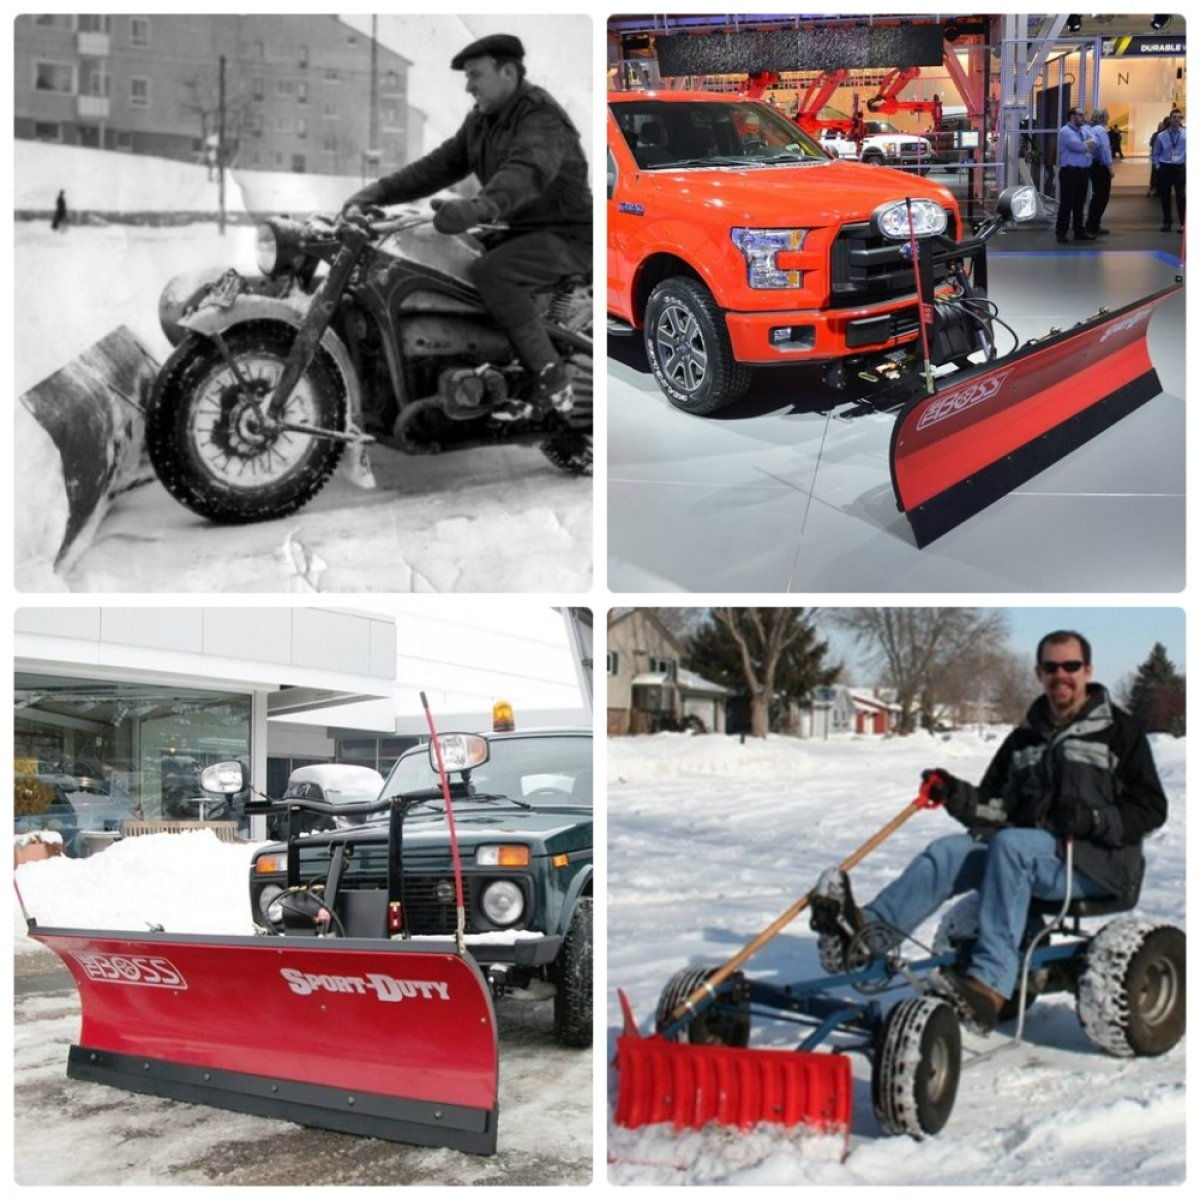 Как выбрать надежную снегоуборочную машину для дома, подбираем лучший снегоуборщик по параметрам